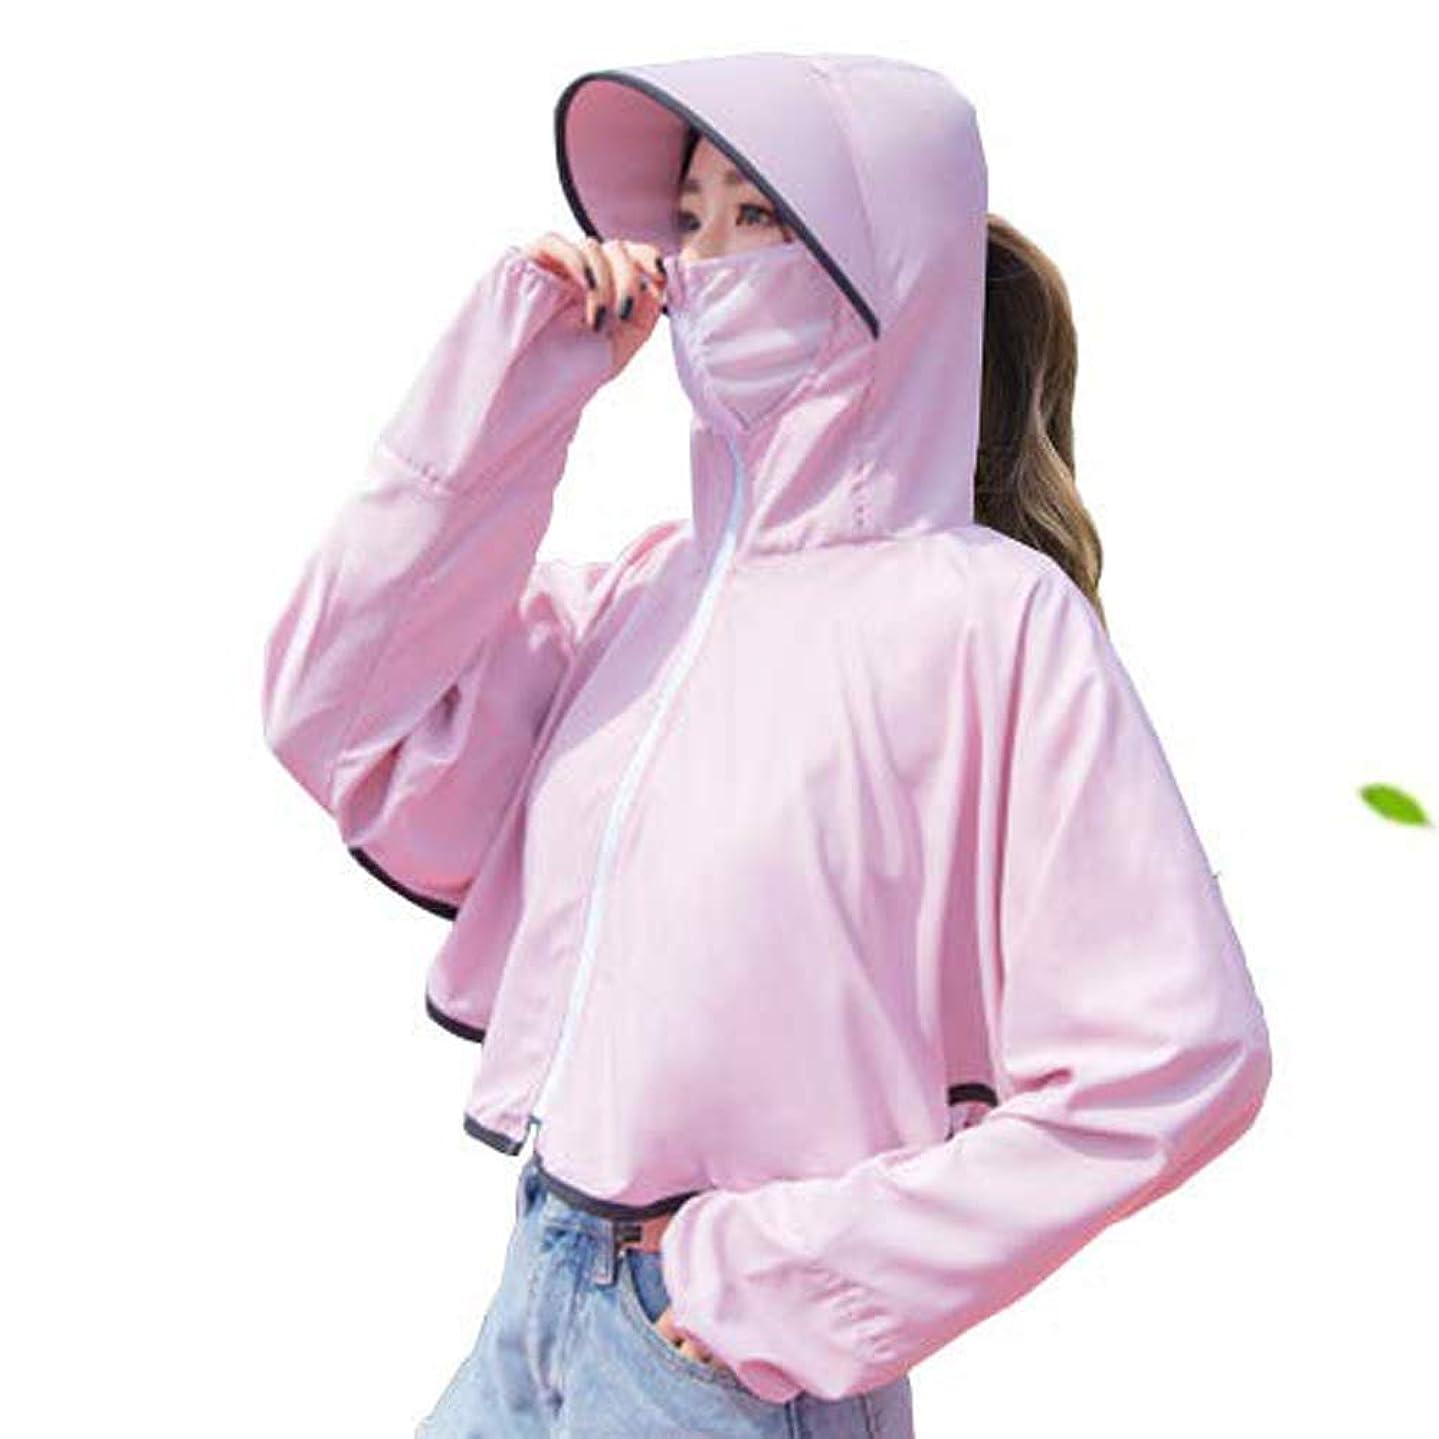 感じる鳴り響く独占1 個 日焼け止め服 UVカッド 日よけ帽子 紫外線対策 レディース 自転車 ピンク